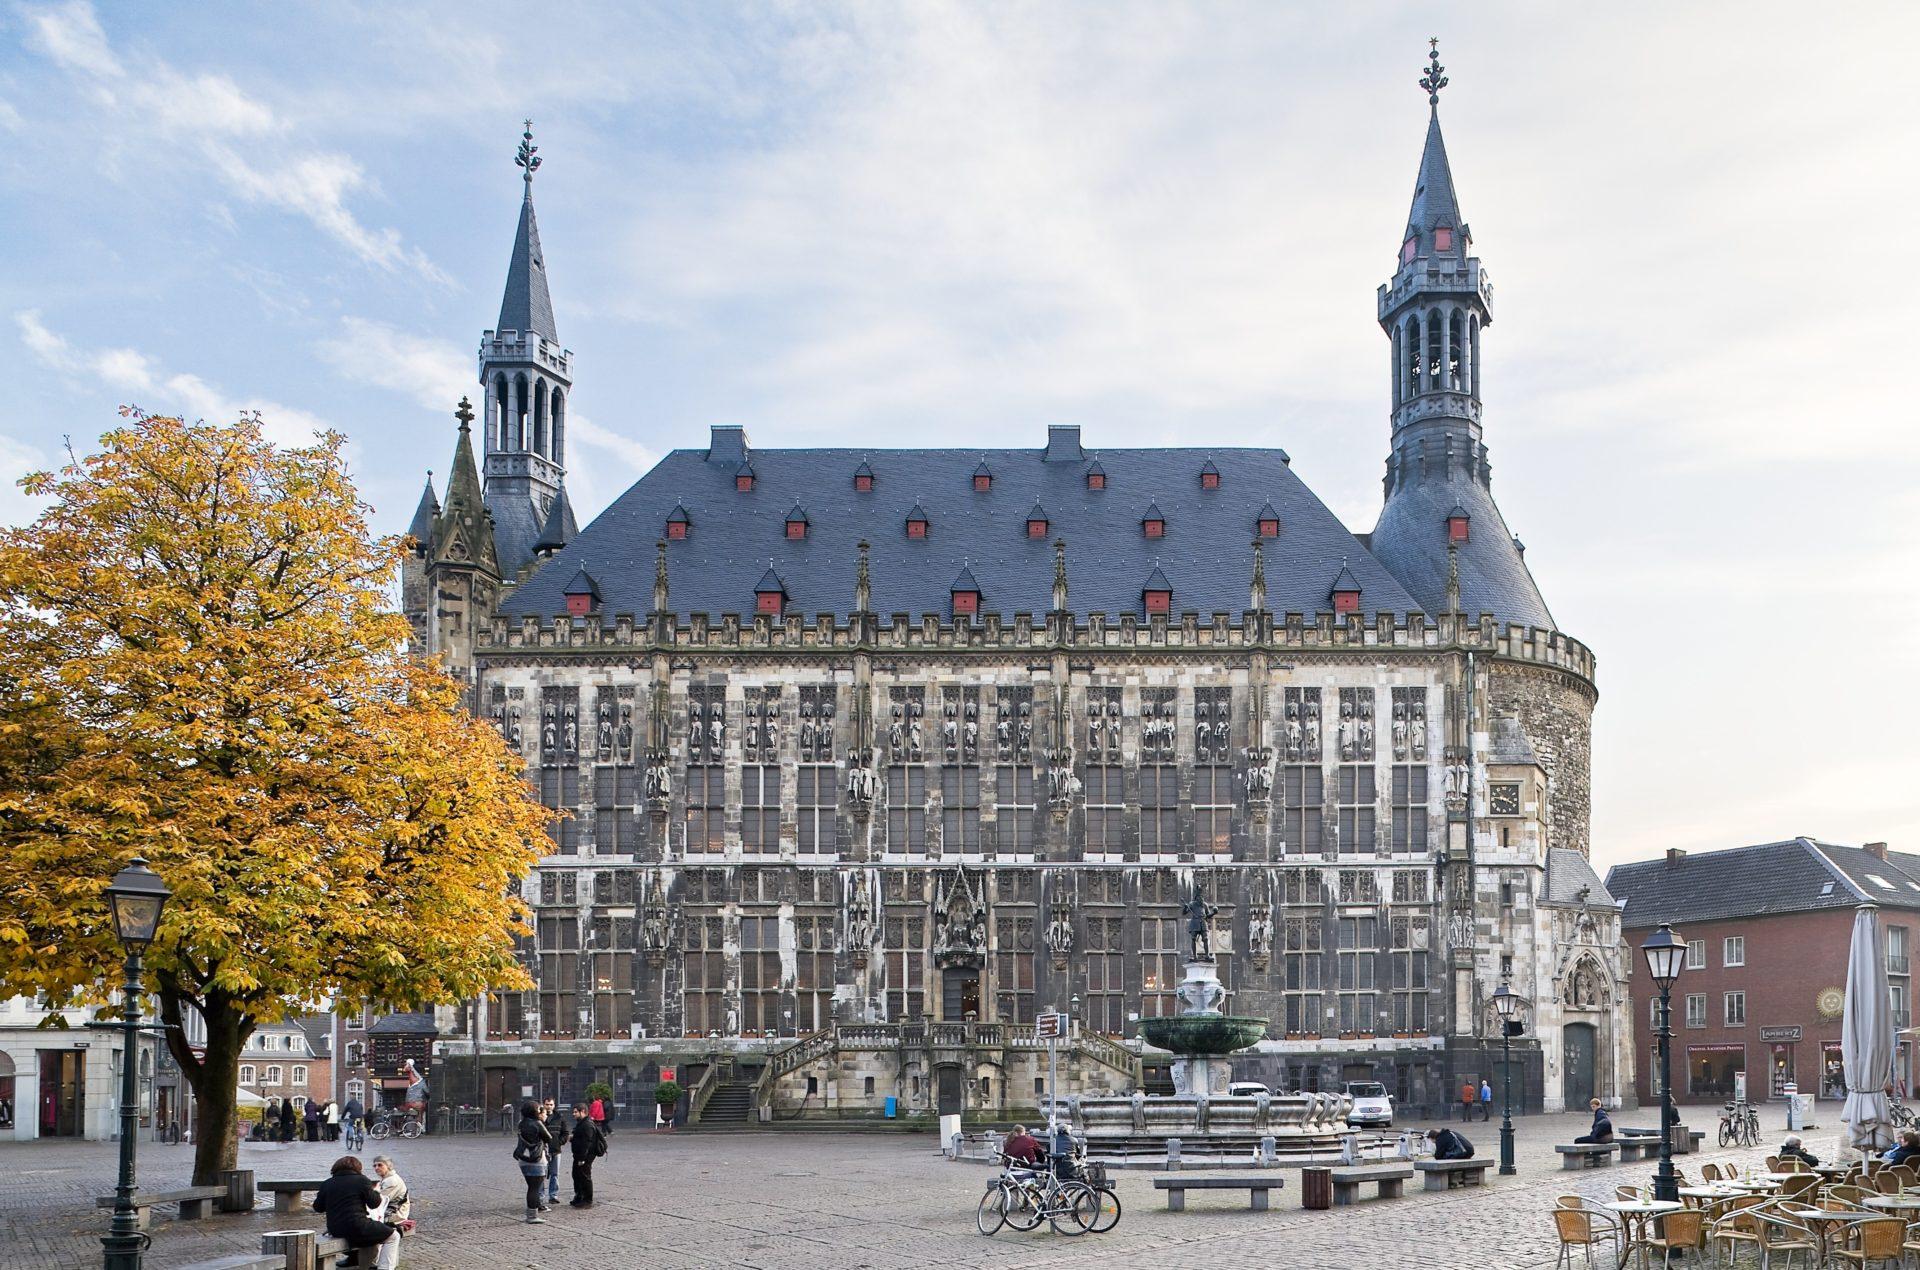 City hall Aachen